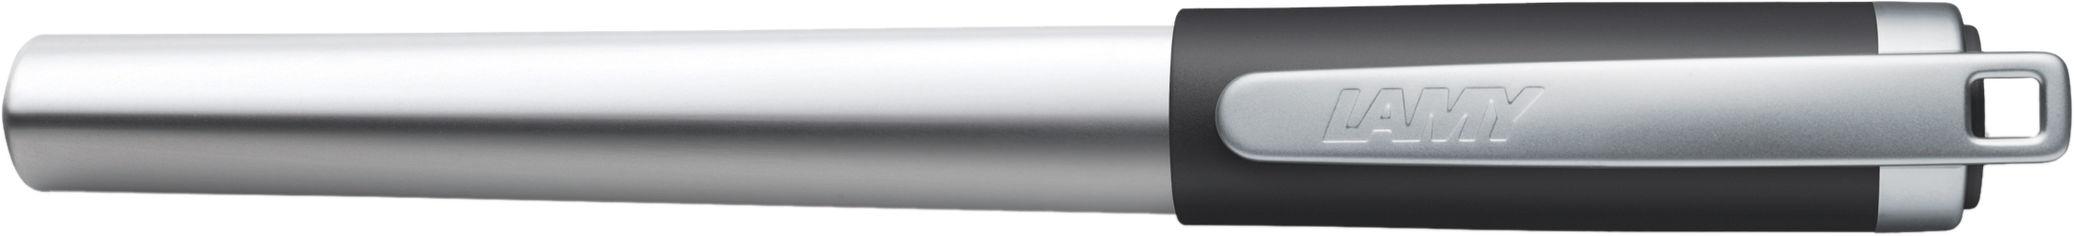 Ручка чернильная Lamy Nexx M Хром с чёрным колпачком A / Чернила T10 Синие (4014519282082) от Rozetka